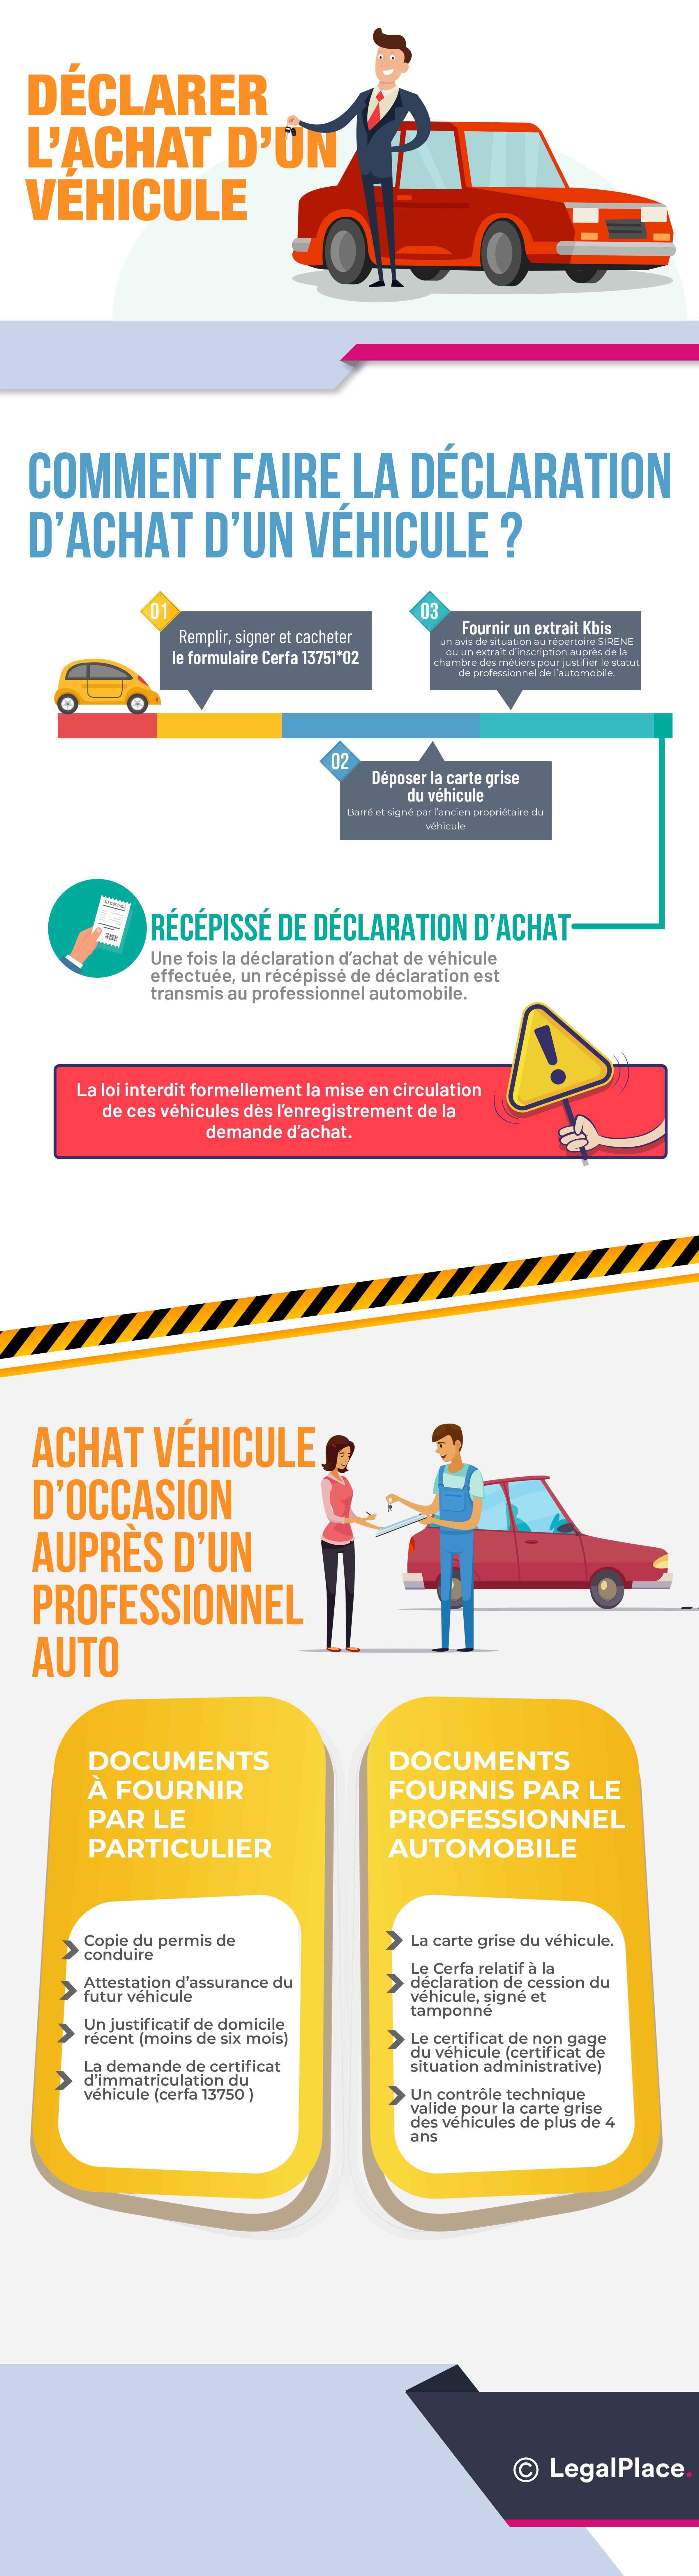 Infographie - Déclaration d'achat de véhicule